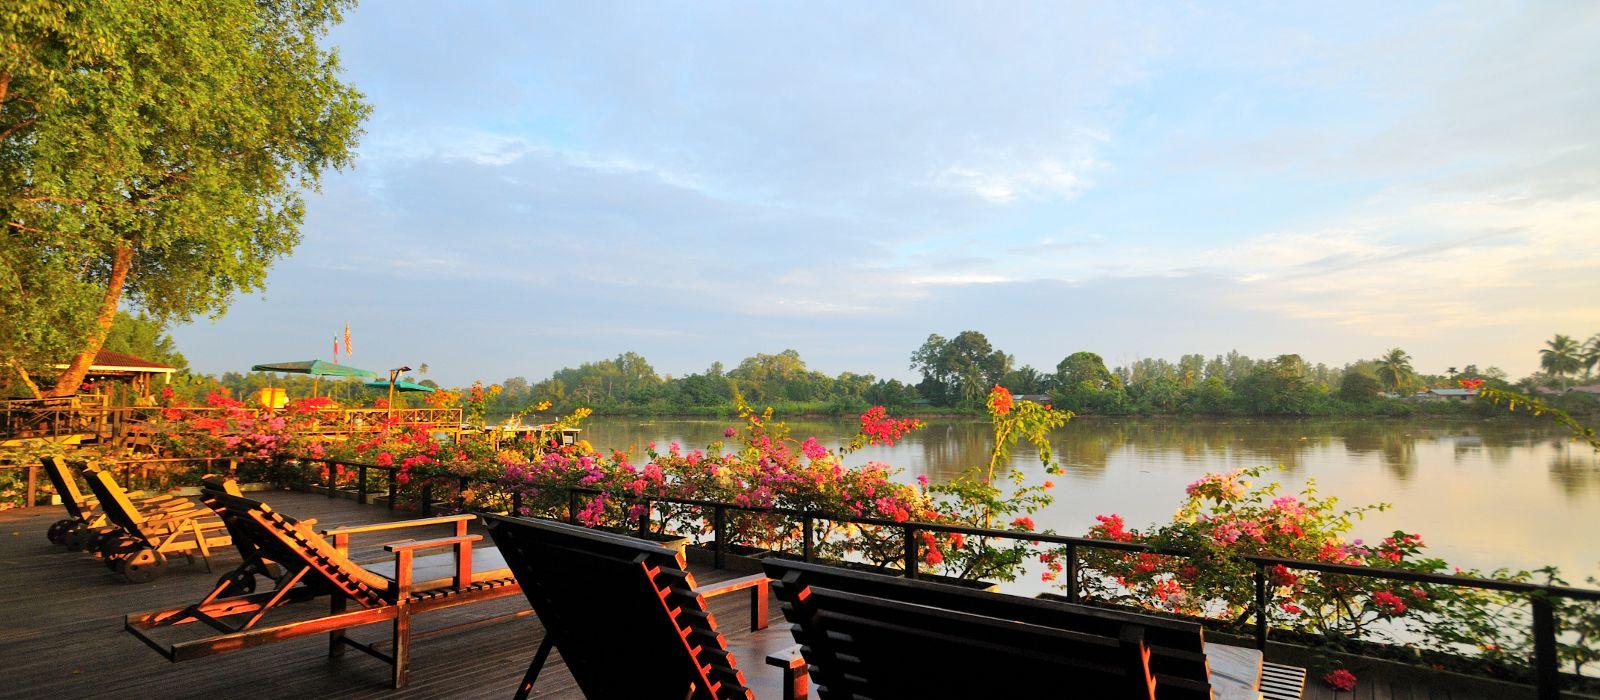 Destination Abai, Kinabatangan River Malaysia